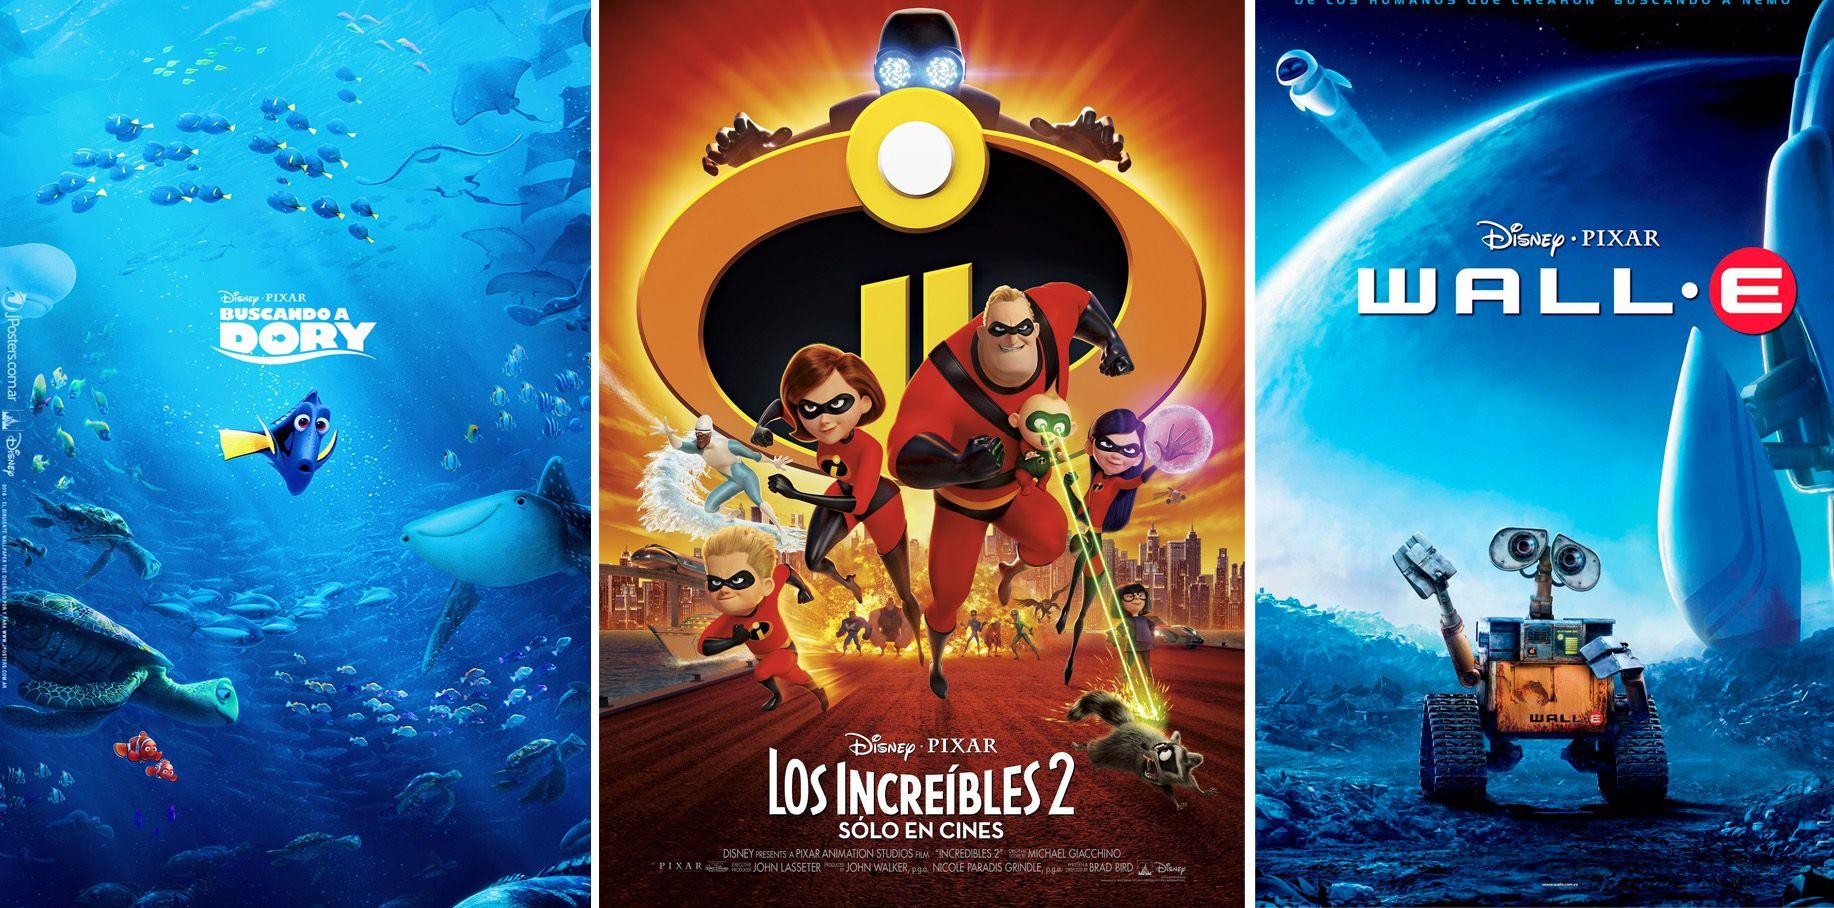 Las películas de Pixar en orden de taquilla - 'Los Increíbles 2': la película más taquillera de Pixar